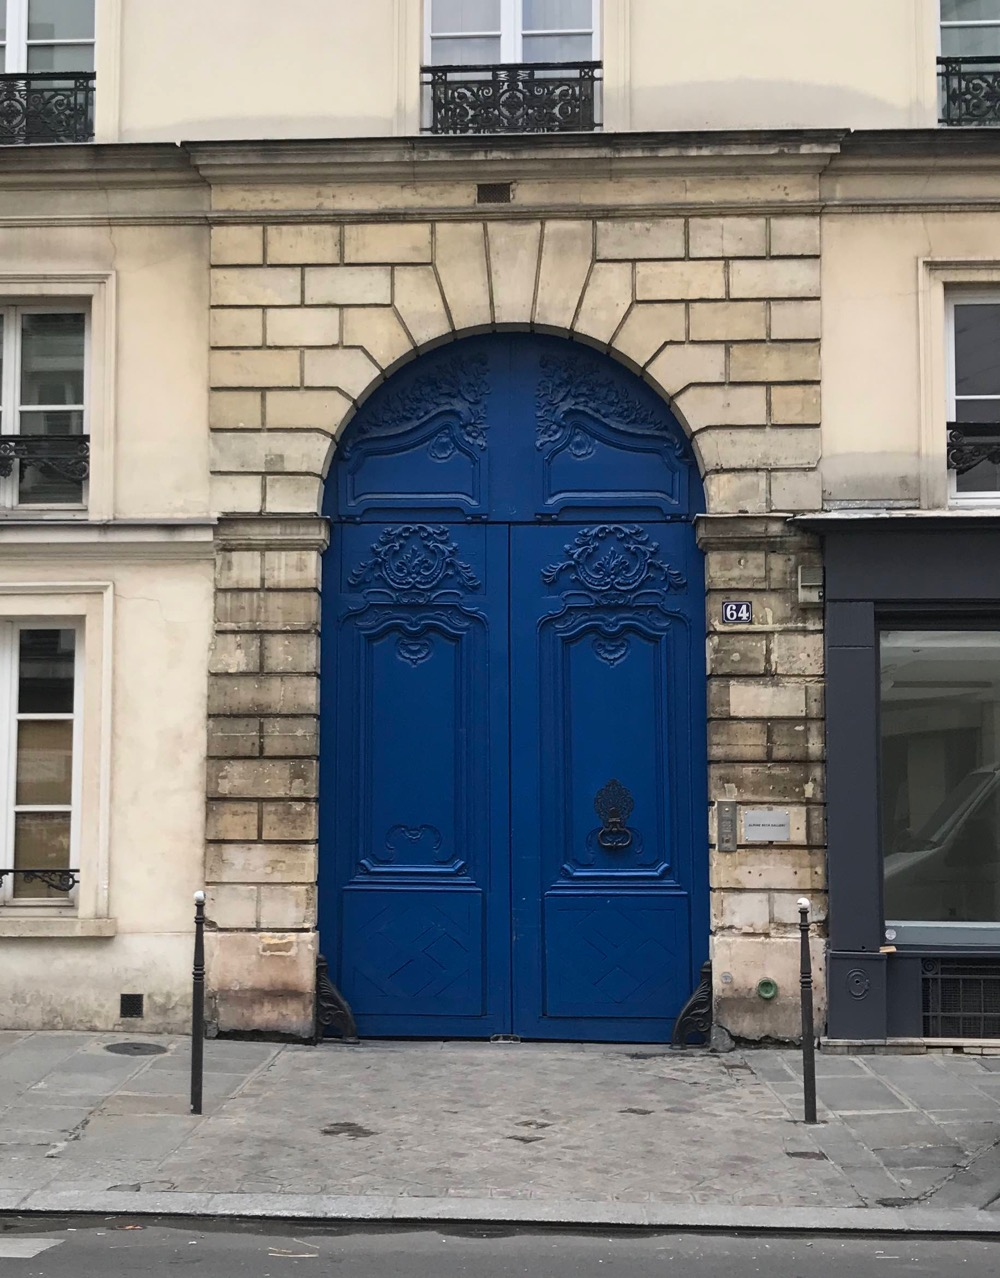 64 Rue De Turenne